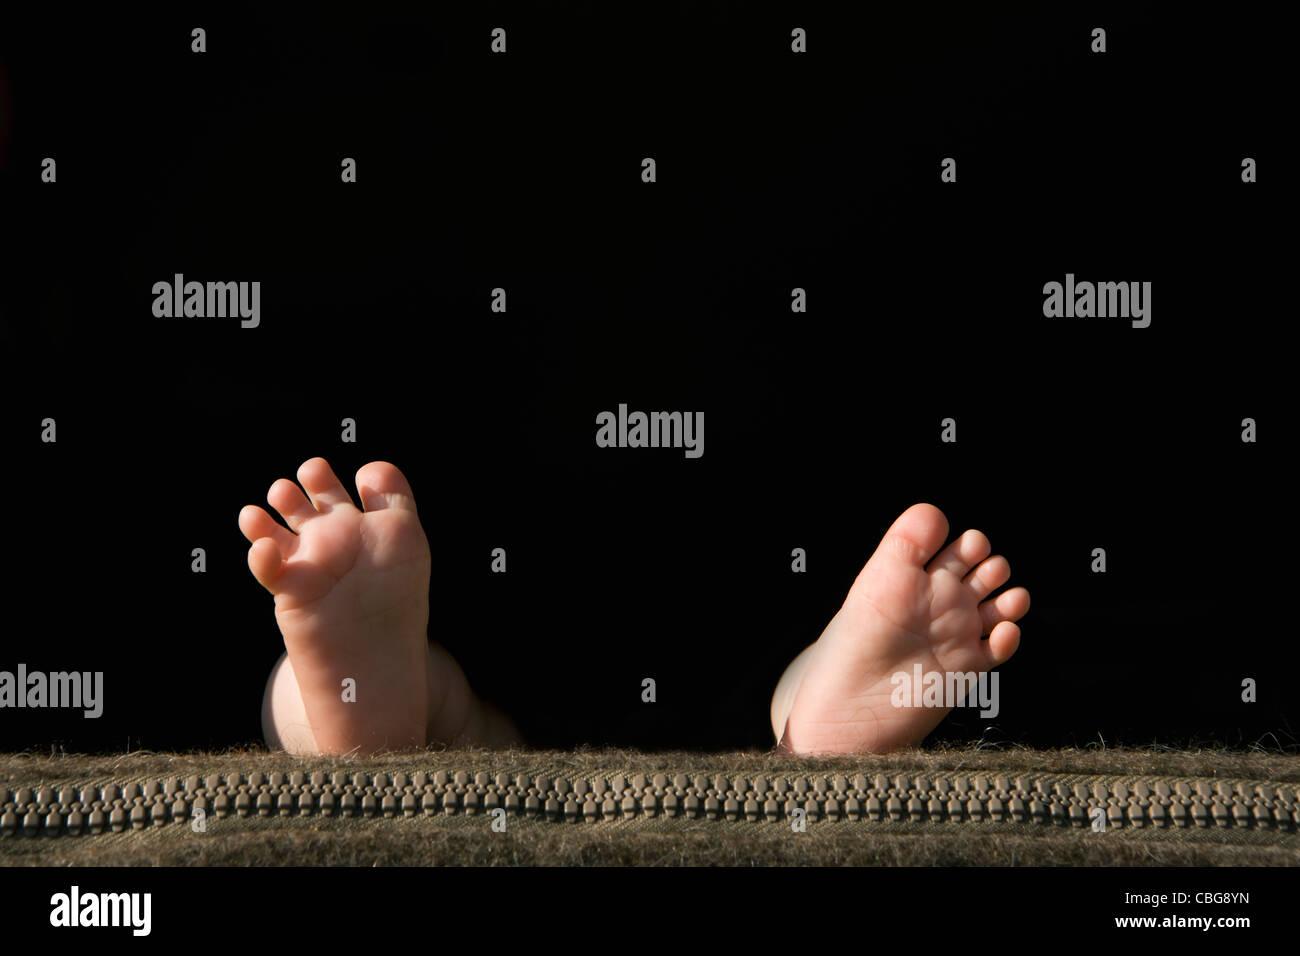 Die Fußsohlen ein Baby auf einem Kissen liegend Stockbild